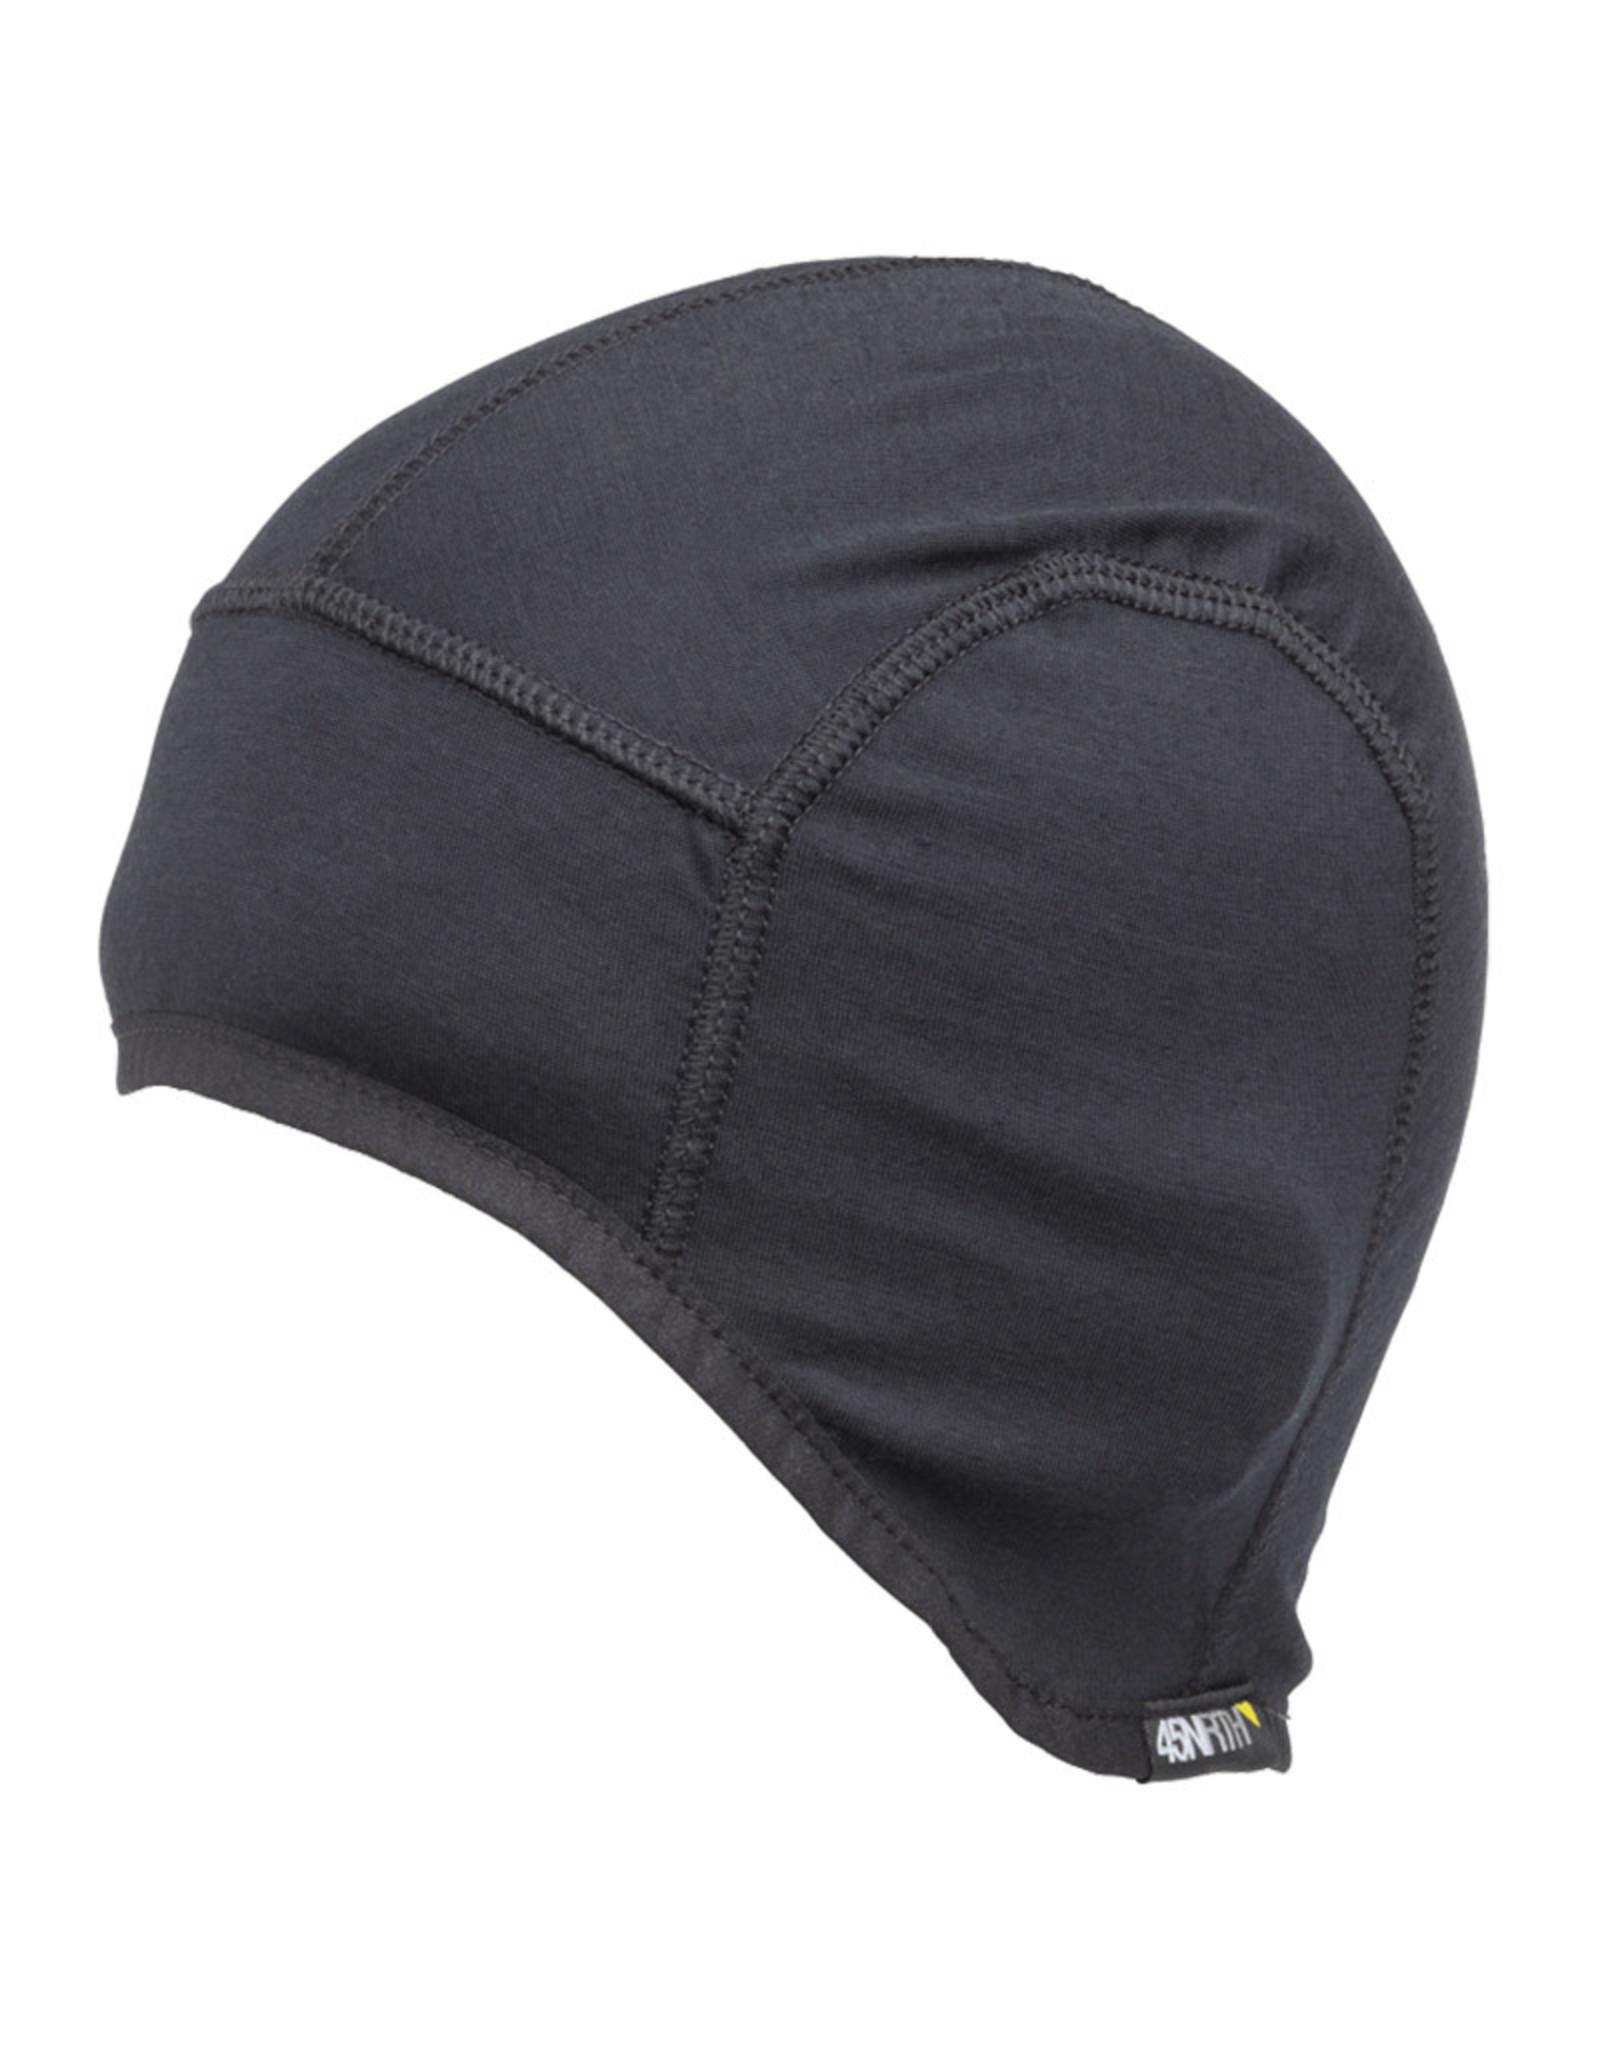 45NRTH 45NRTH Stavanger Helmet Liner Hat: Black